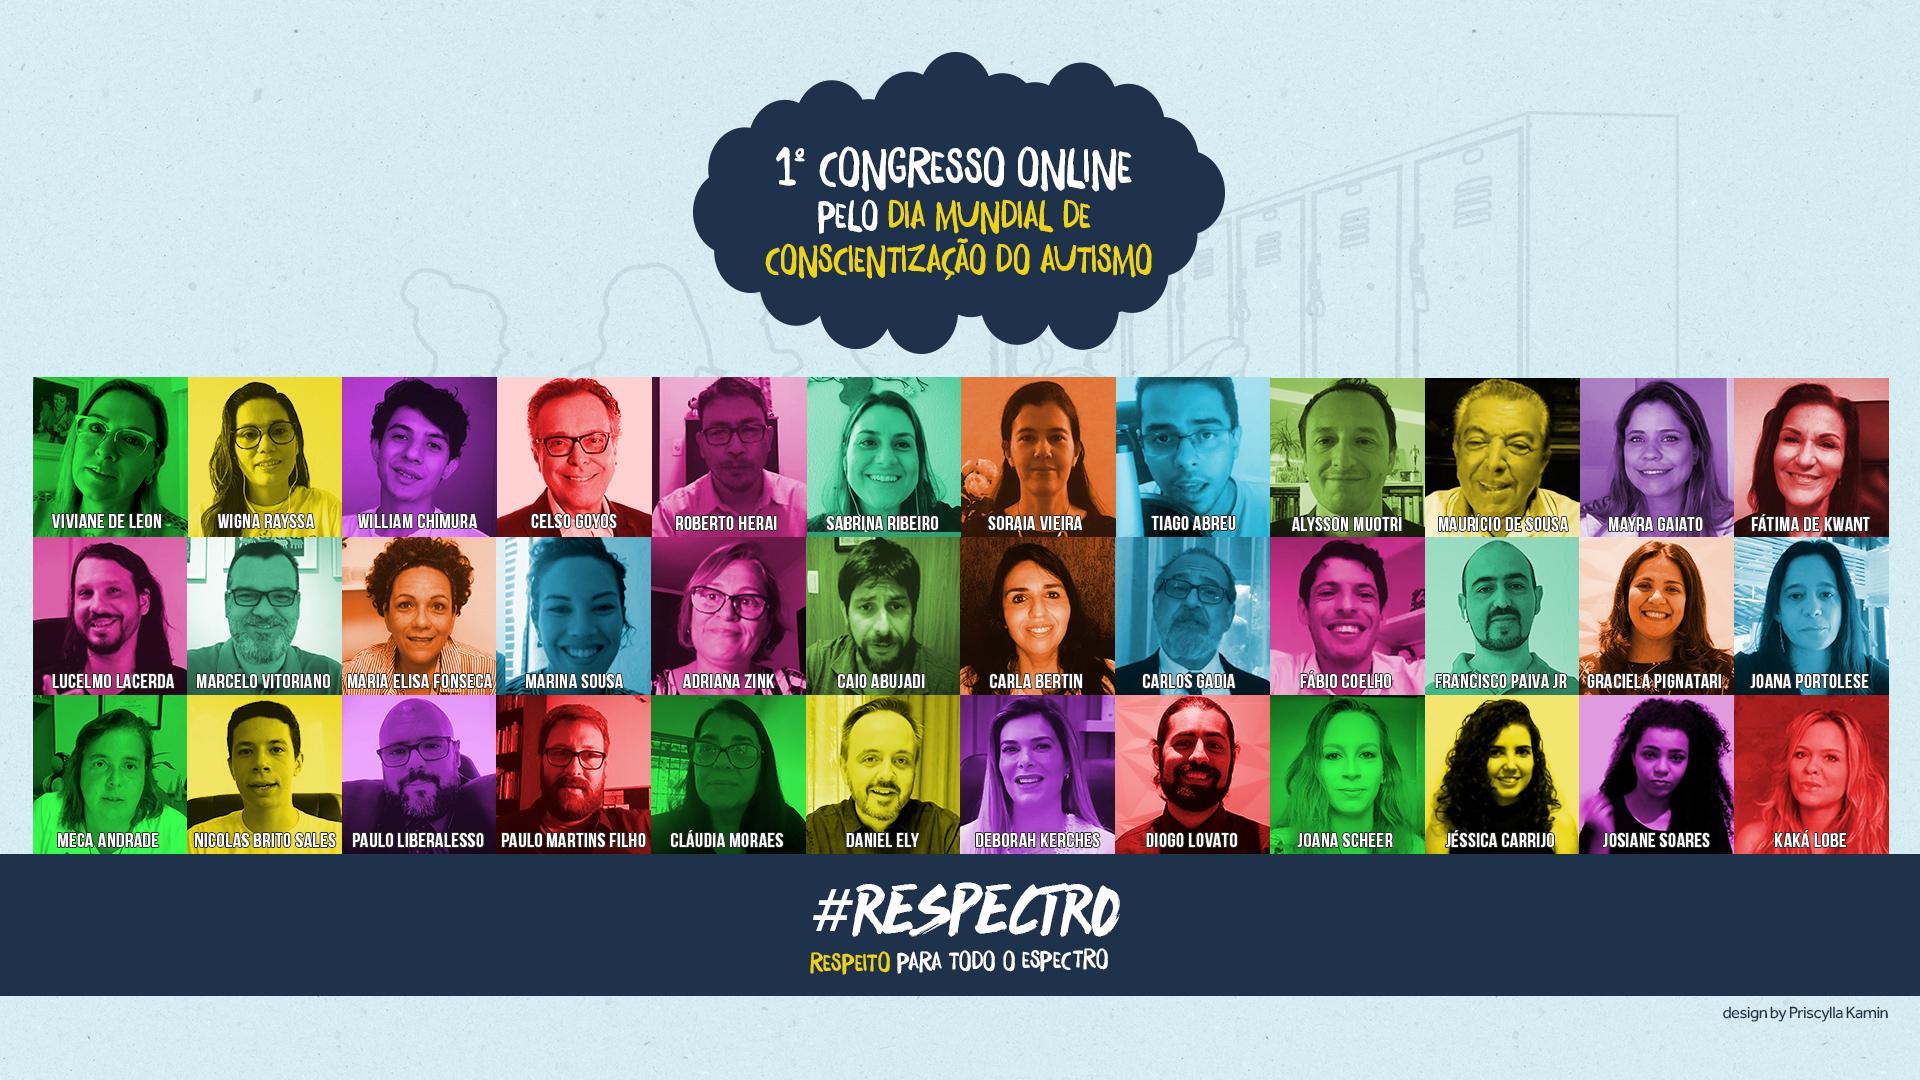 Palestrantes do 1º Congresso Online pelo Dia Mundial de Conscientização do Autismo, 2.abril.2020